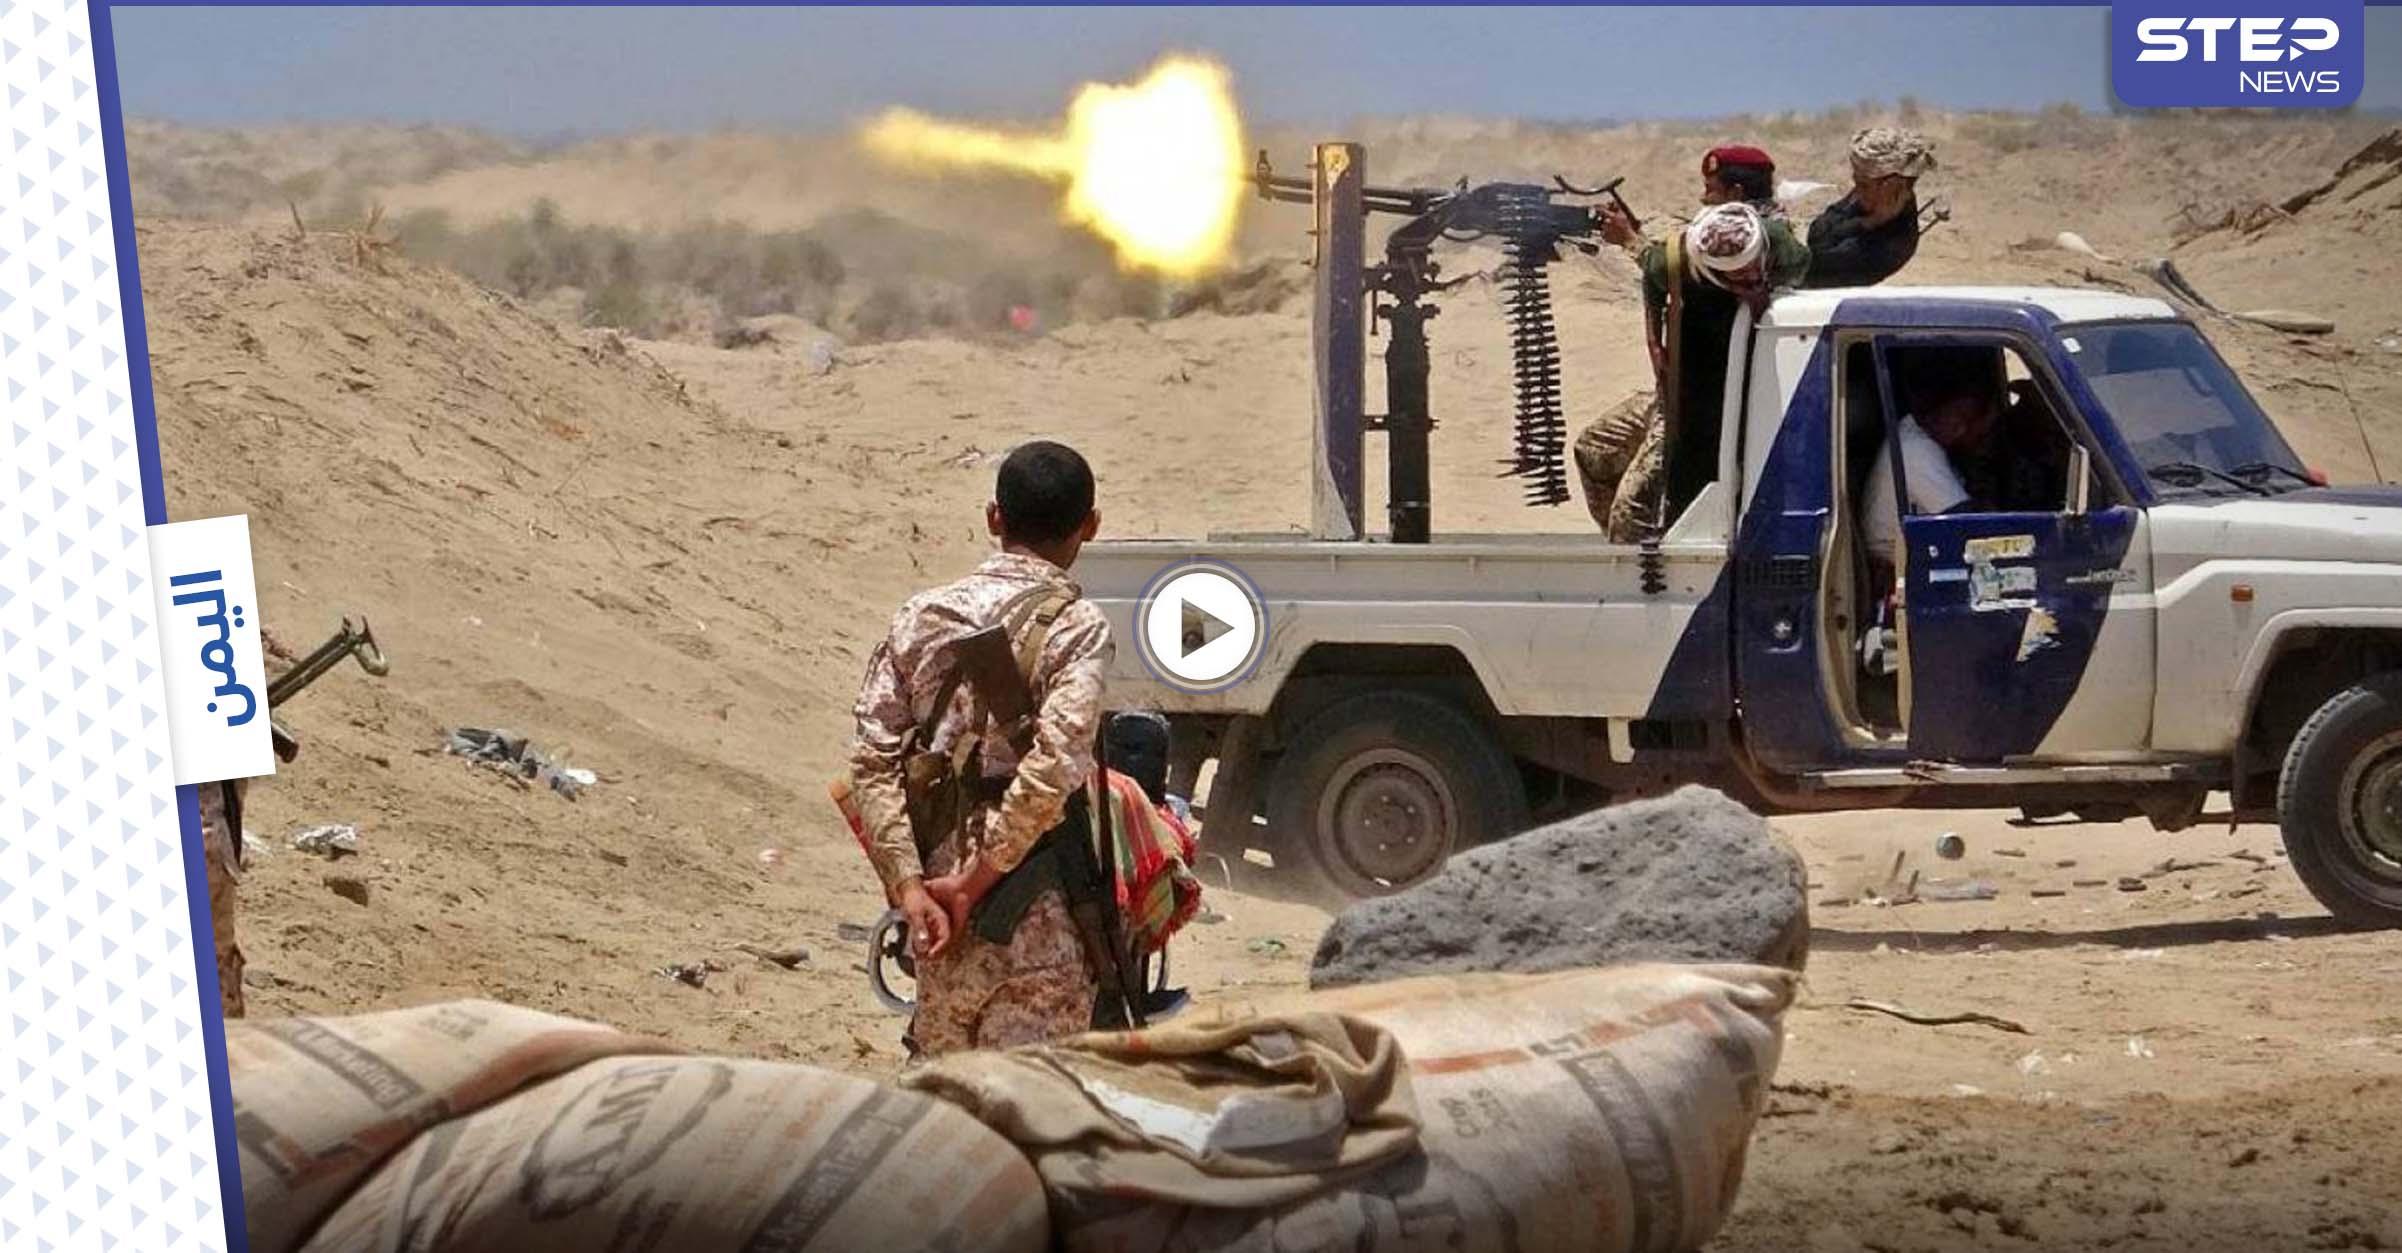 بالفيديو||اشتباكات مسلحة عنيفة بين قوتين عسكريتين جنوبي اليمن تخلّف قتلى وجرحى